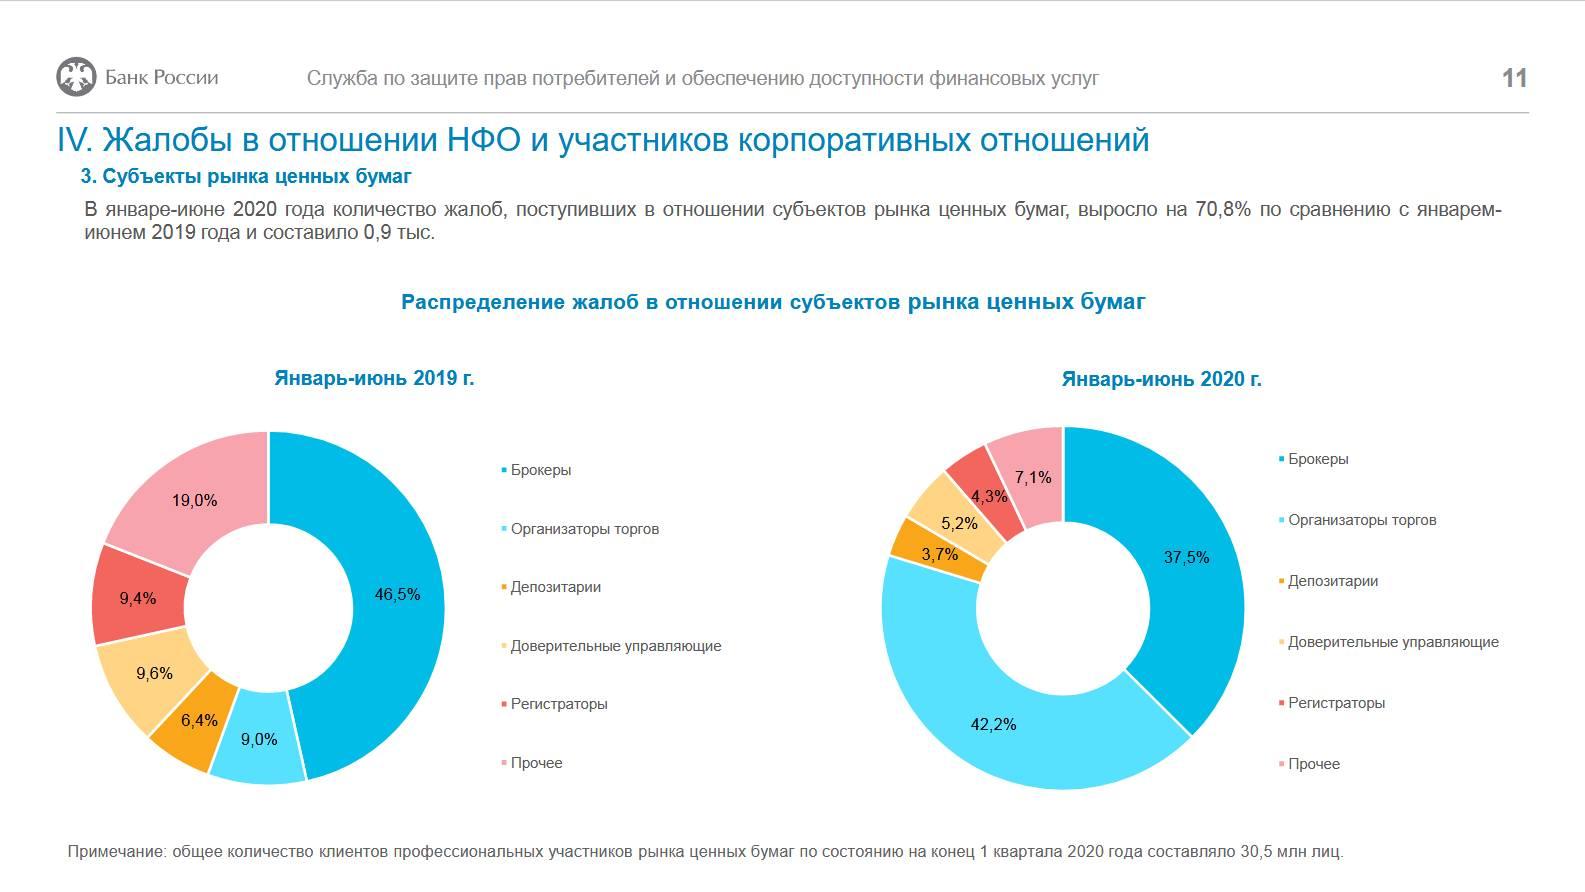 Статистика жалоб, поступивших в Банк России: итоги первого полугодия